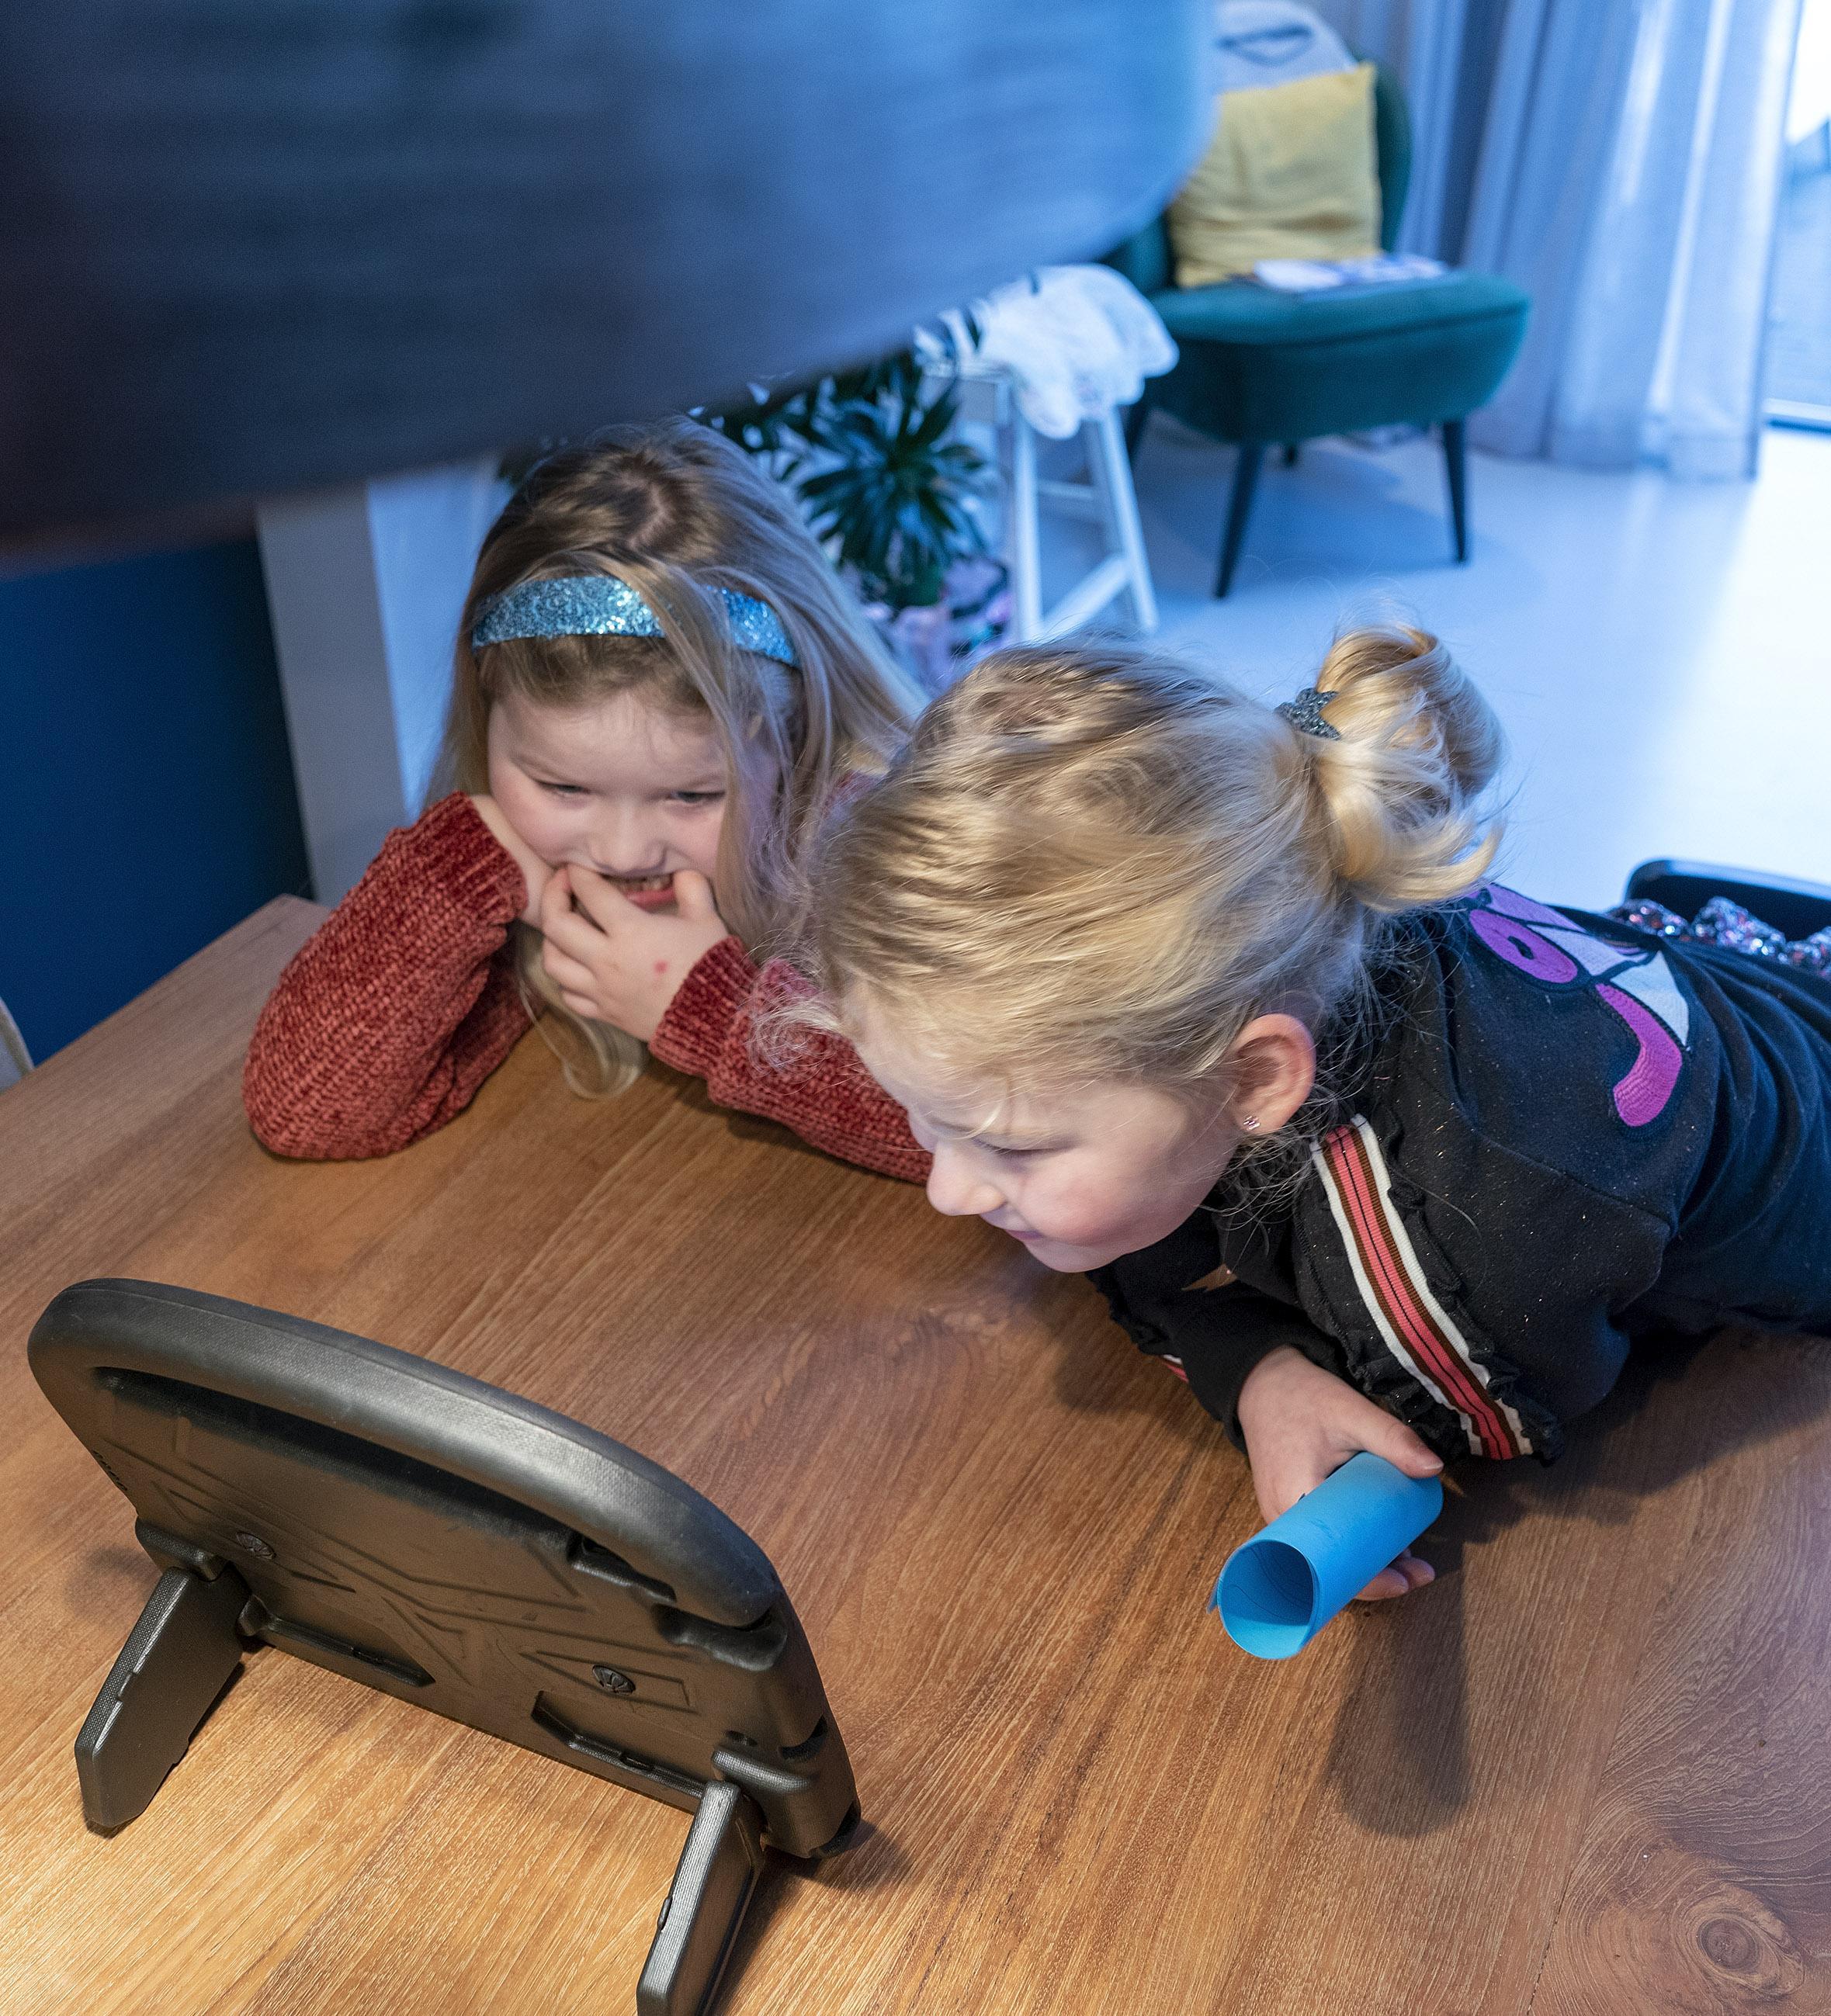 In je pyjama met een ontbijtje videobellen met de klas. Kinderen van de Matthieu Wiegman School in Bergen ontbijten samen tijdens Nationale Voorleesdagen. 'Zo maken we er toch nog wat leuks van'